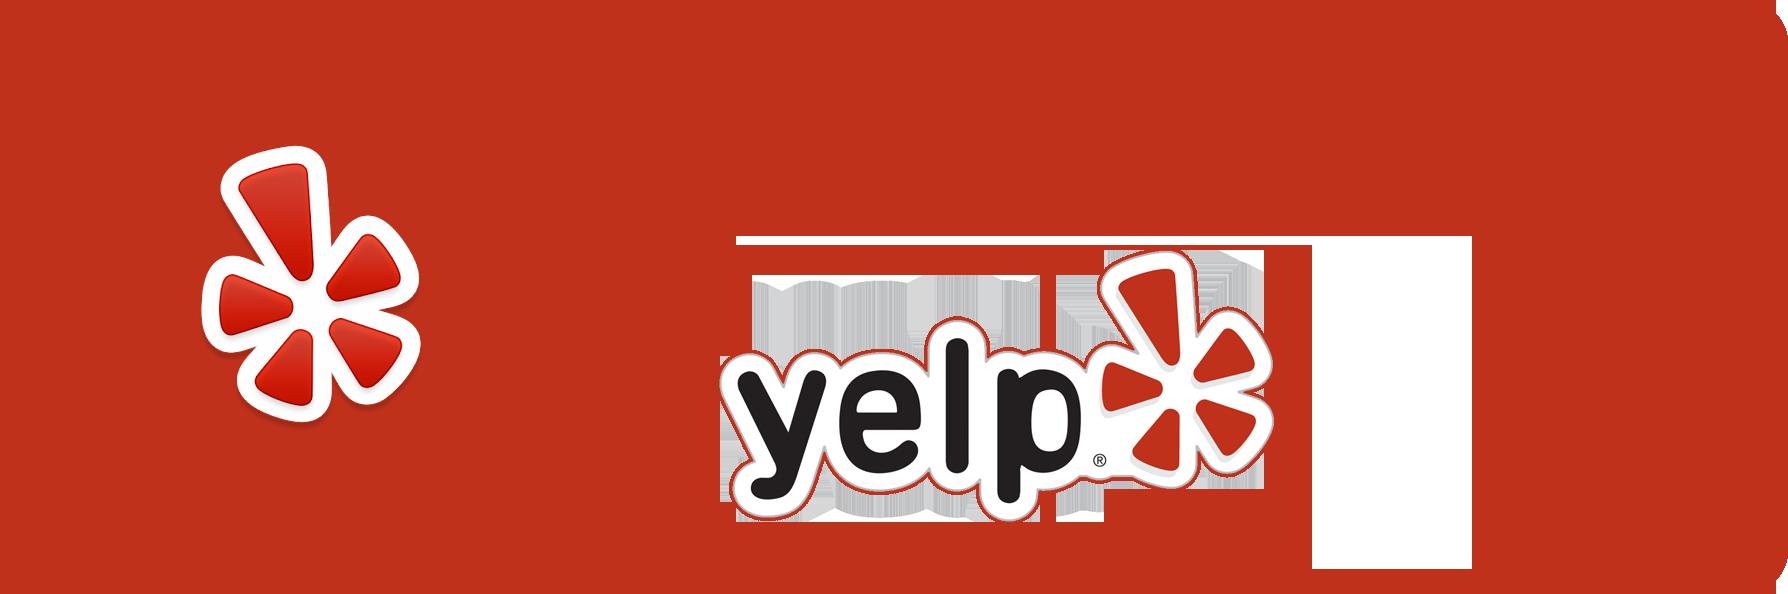 1788x594 15 Yelp Symbol Png For Free Download On Mbtskoudsalg